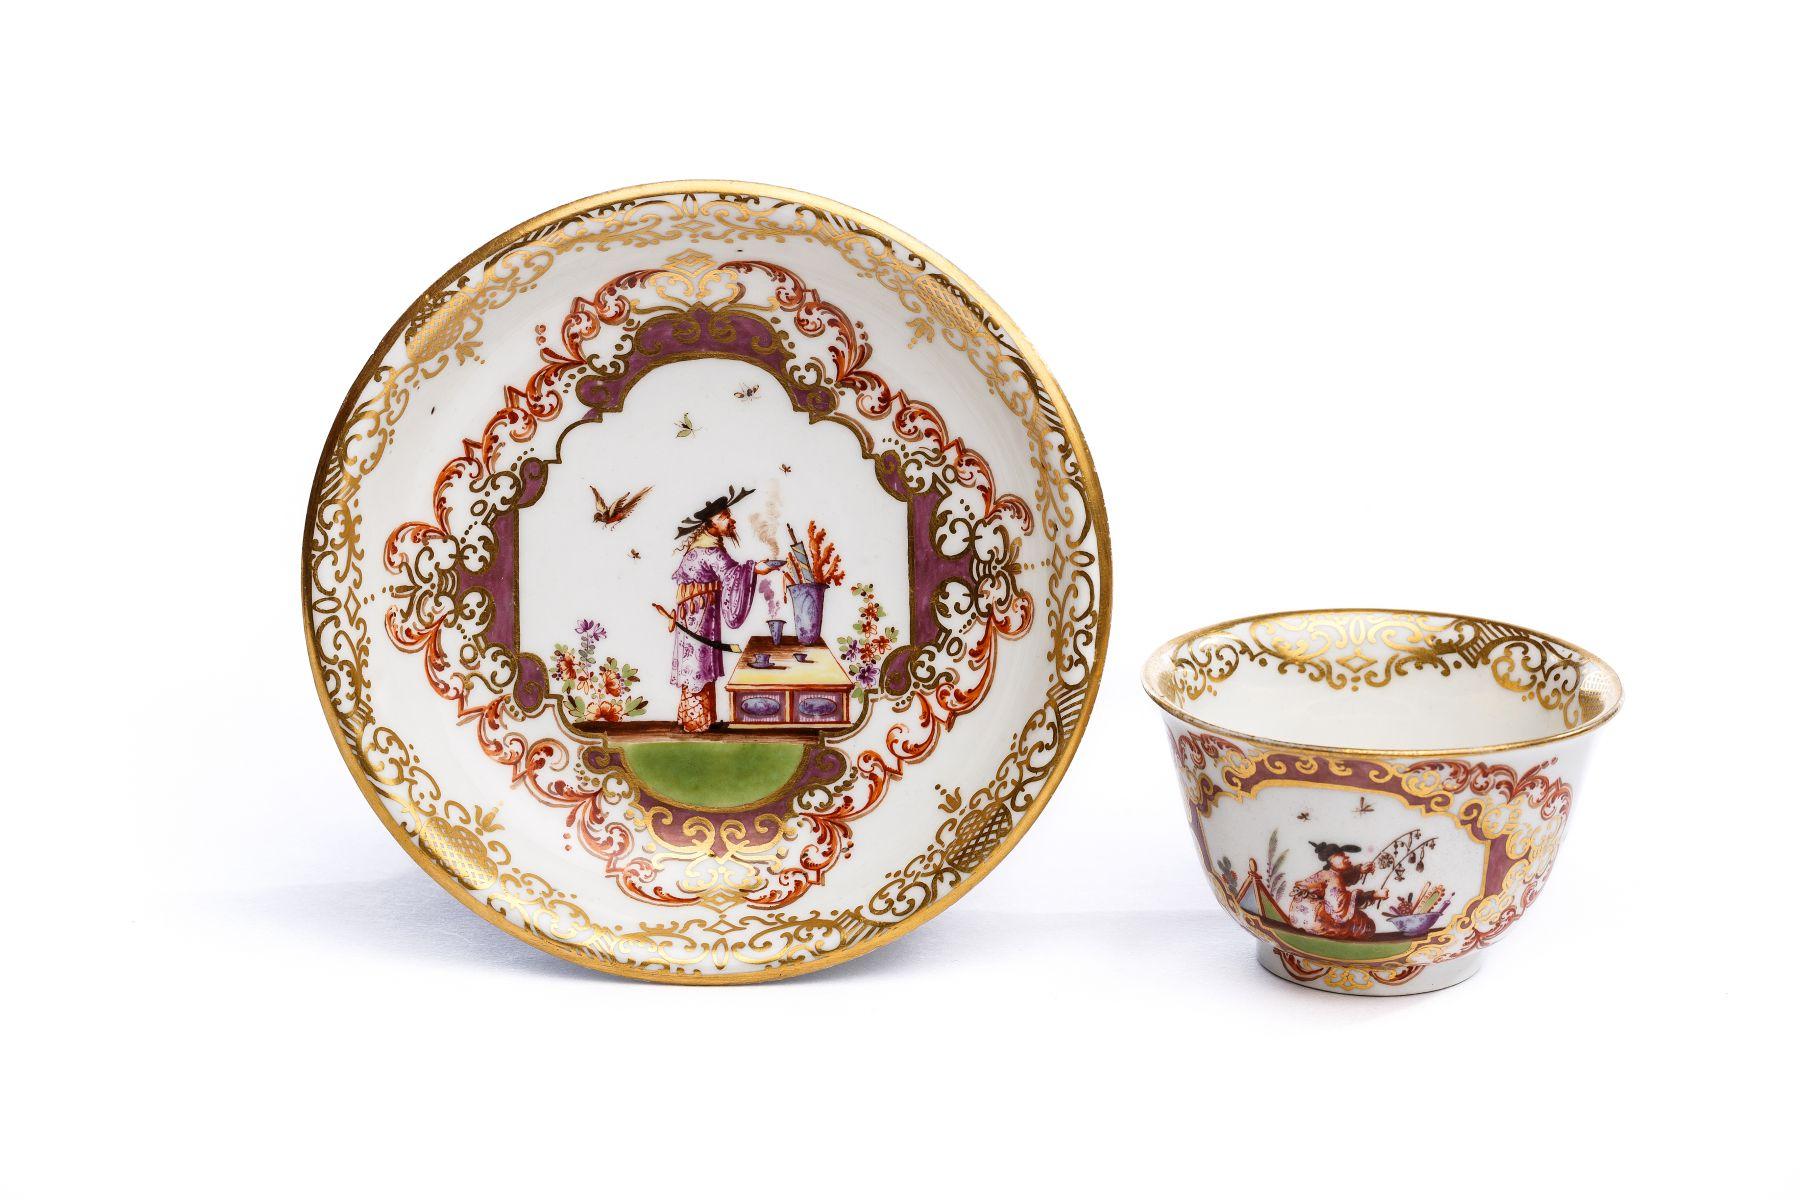 #27 Bowl with saucer, Meissen 1723/25 | Koppchen mit Unterschale, Meissen 1723/25 Image